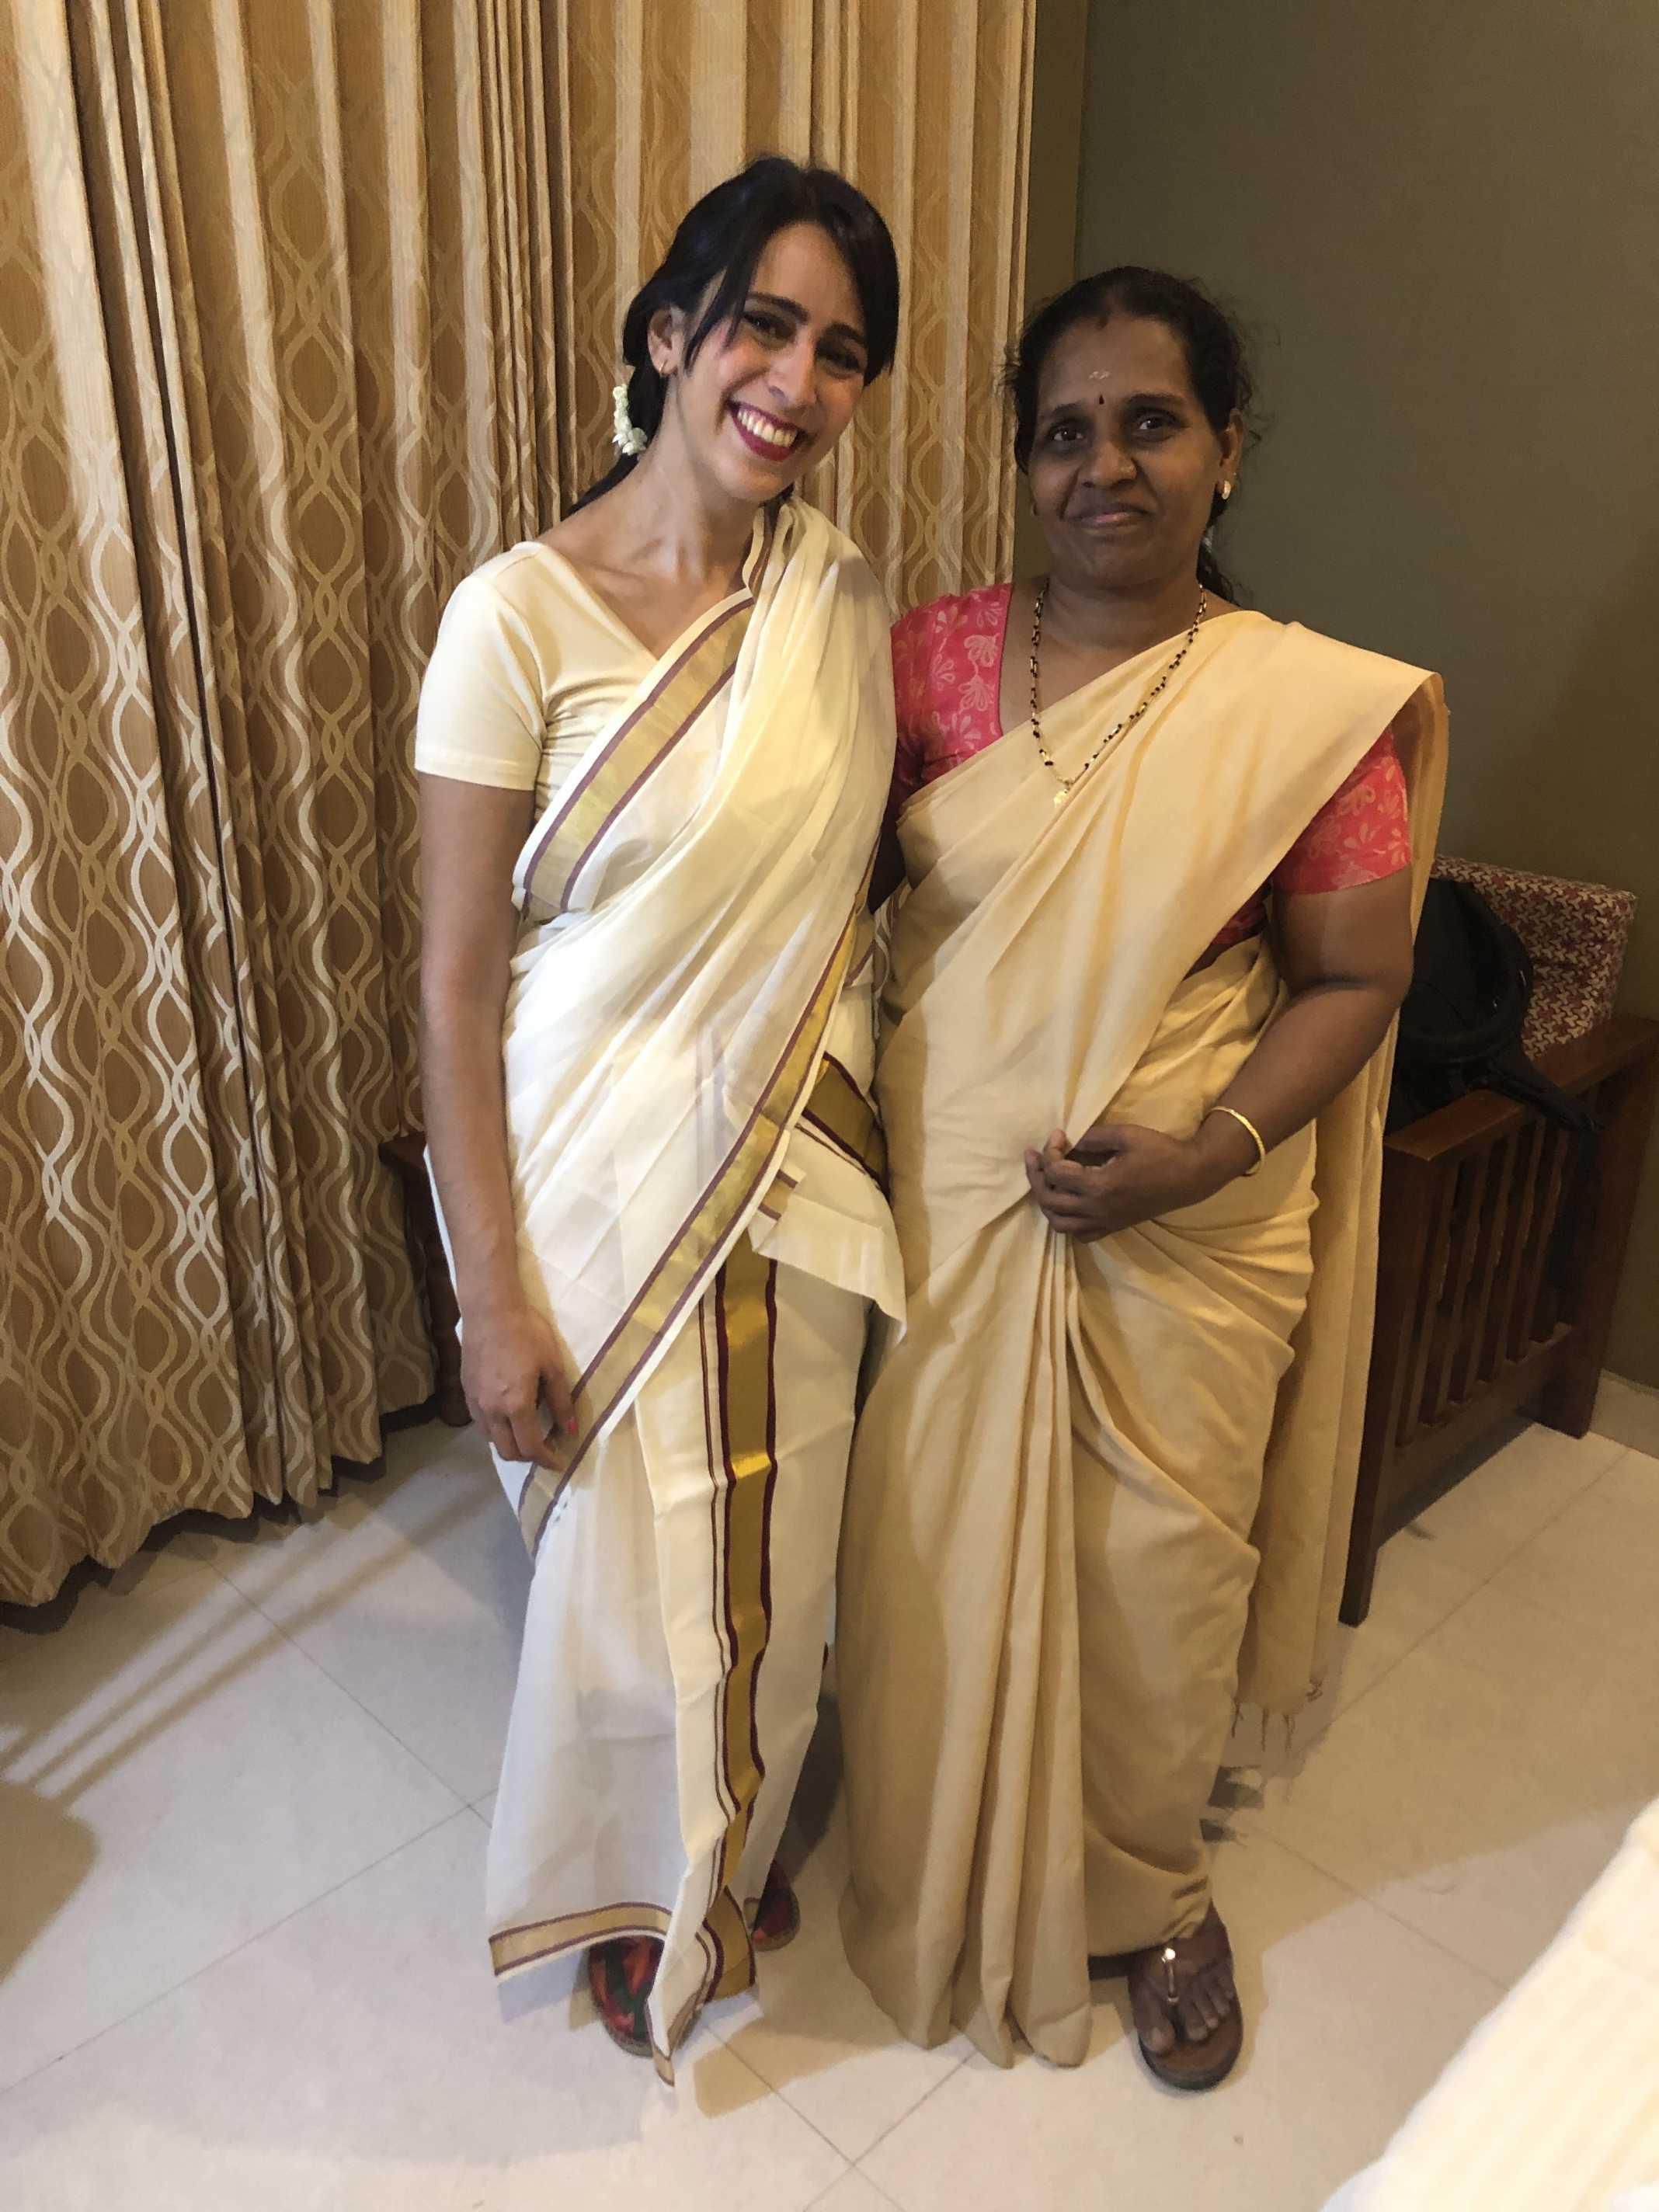 Sari Roupa Índia